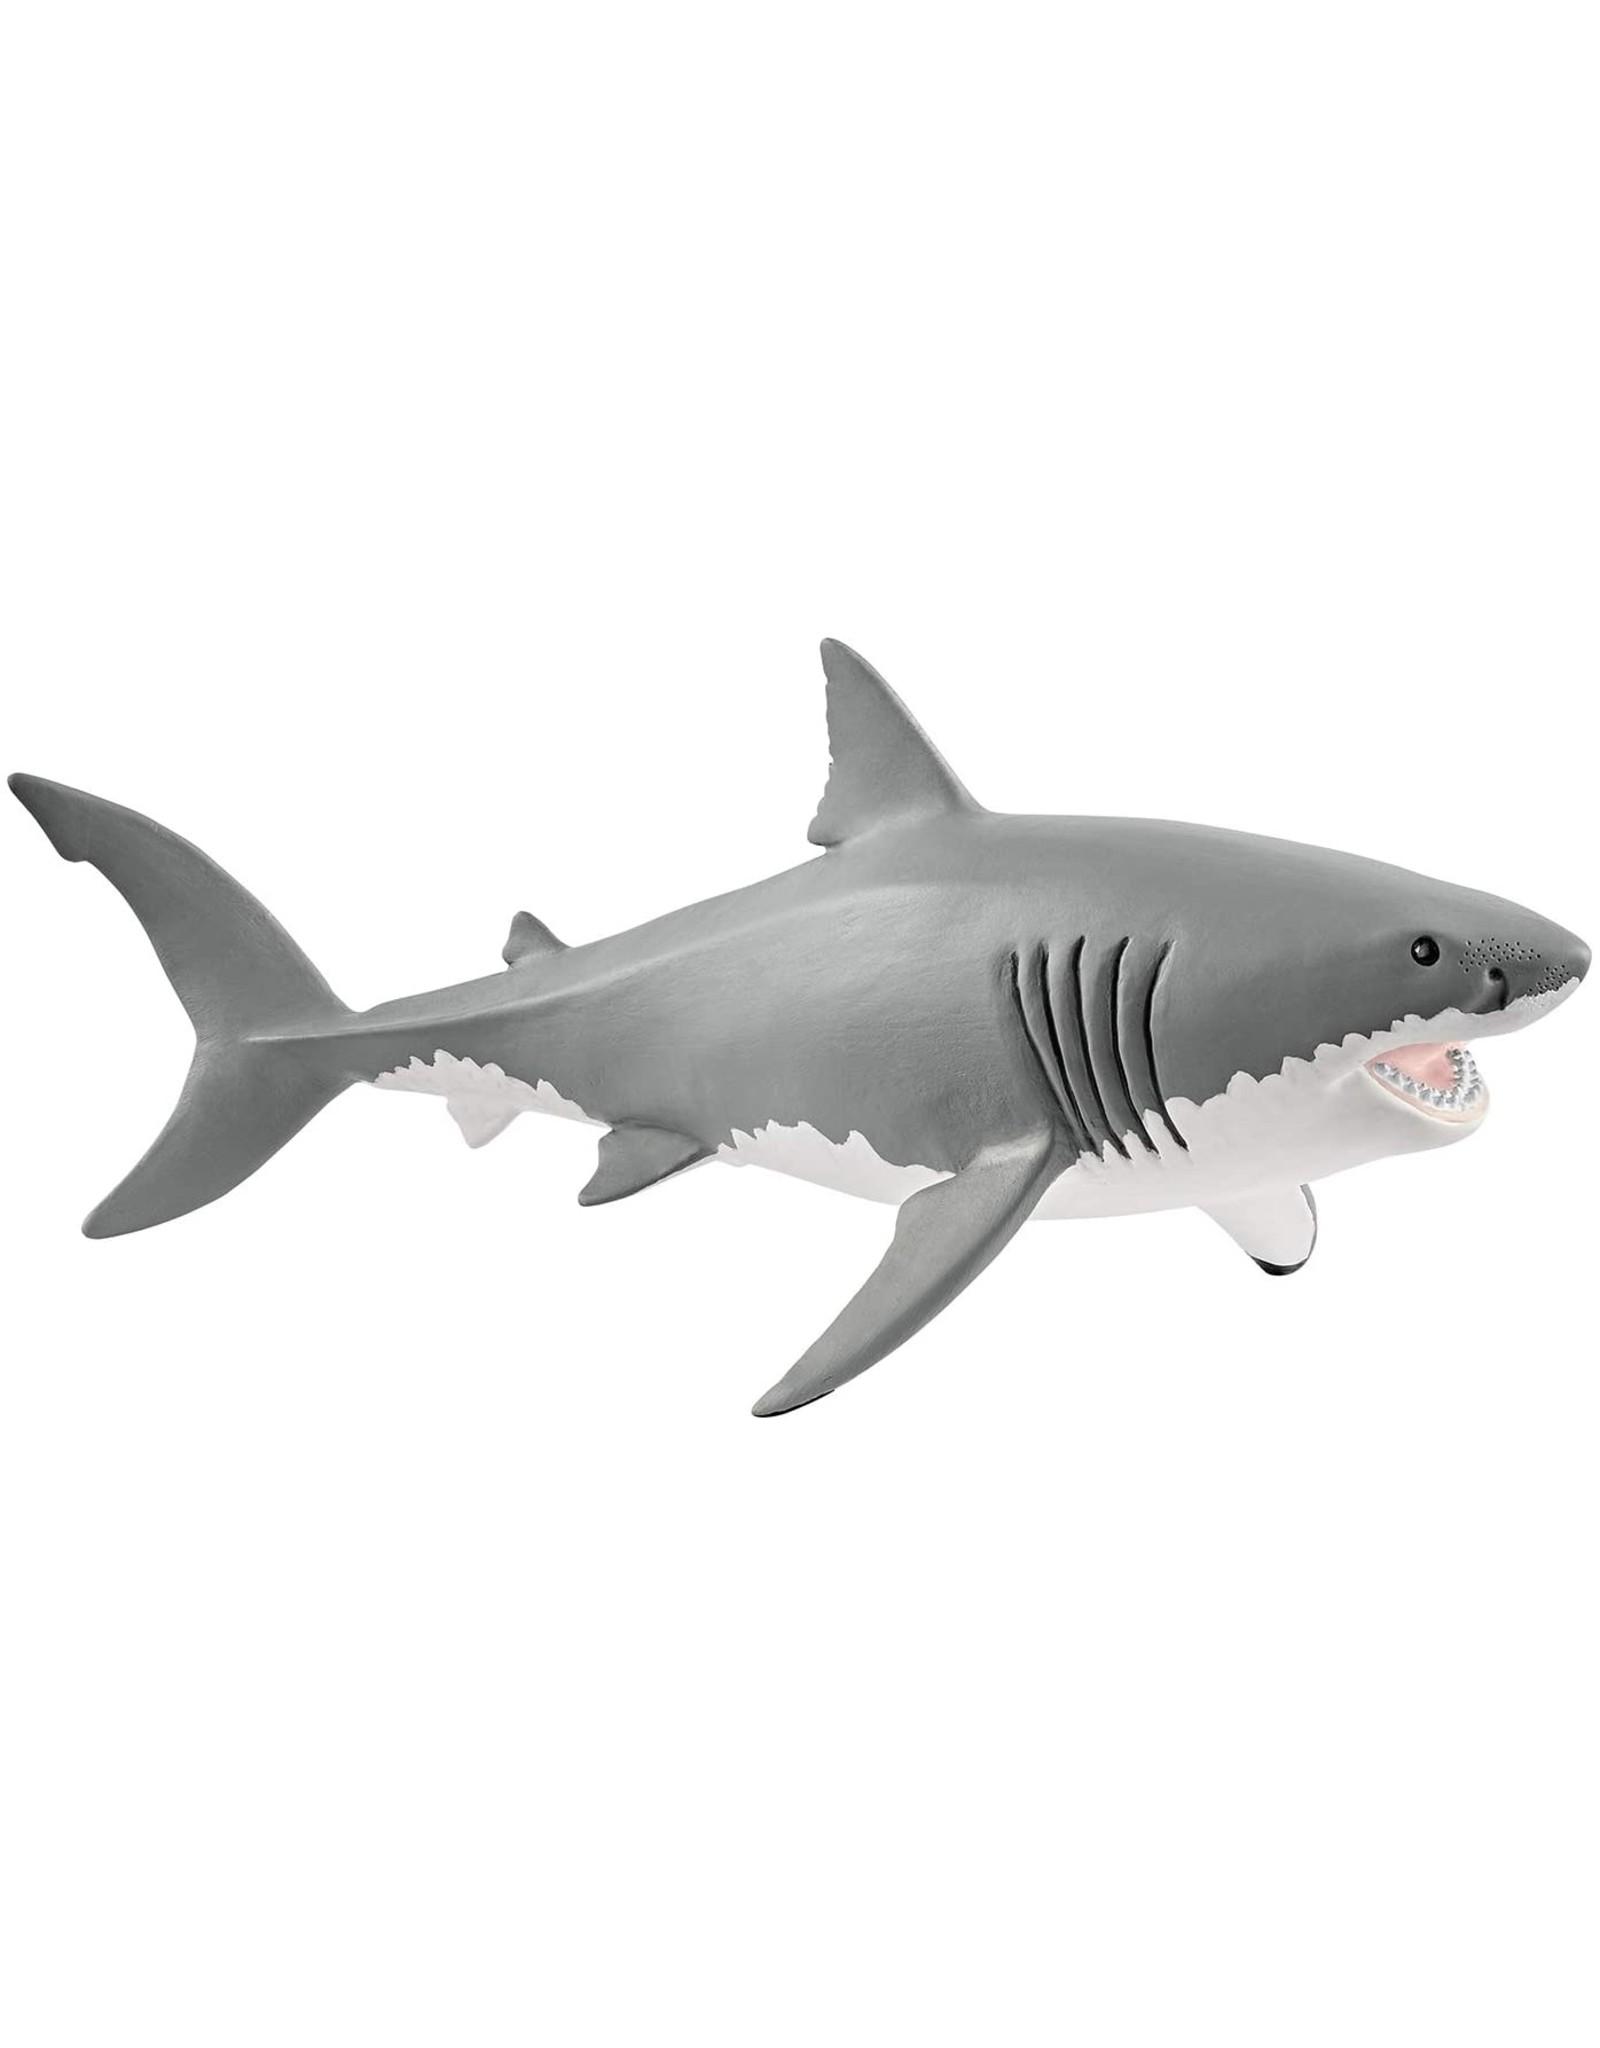 Schleich 14809 - Great White Shark